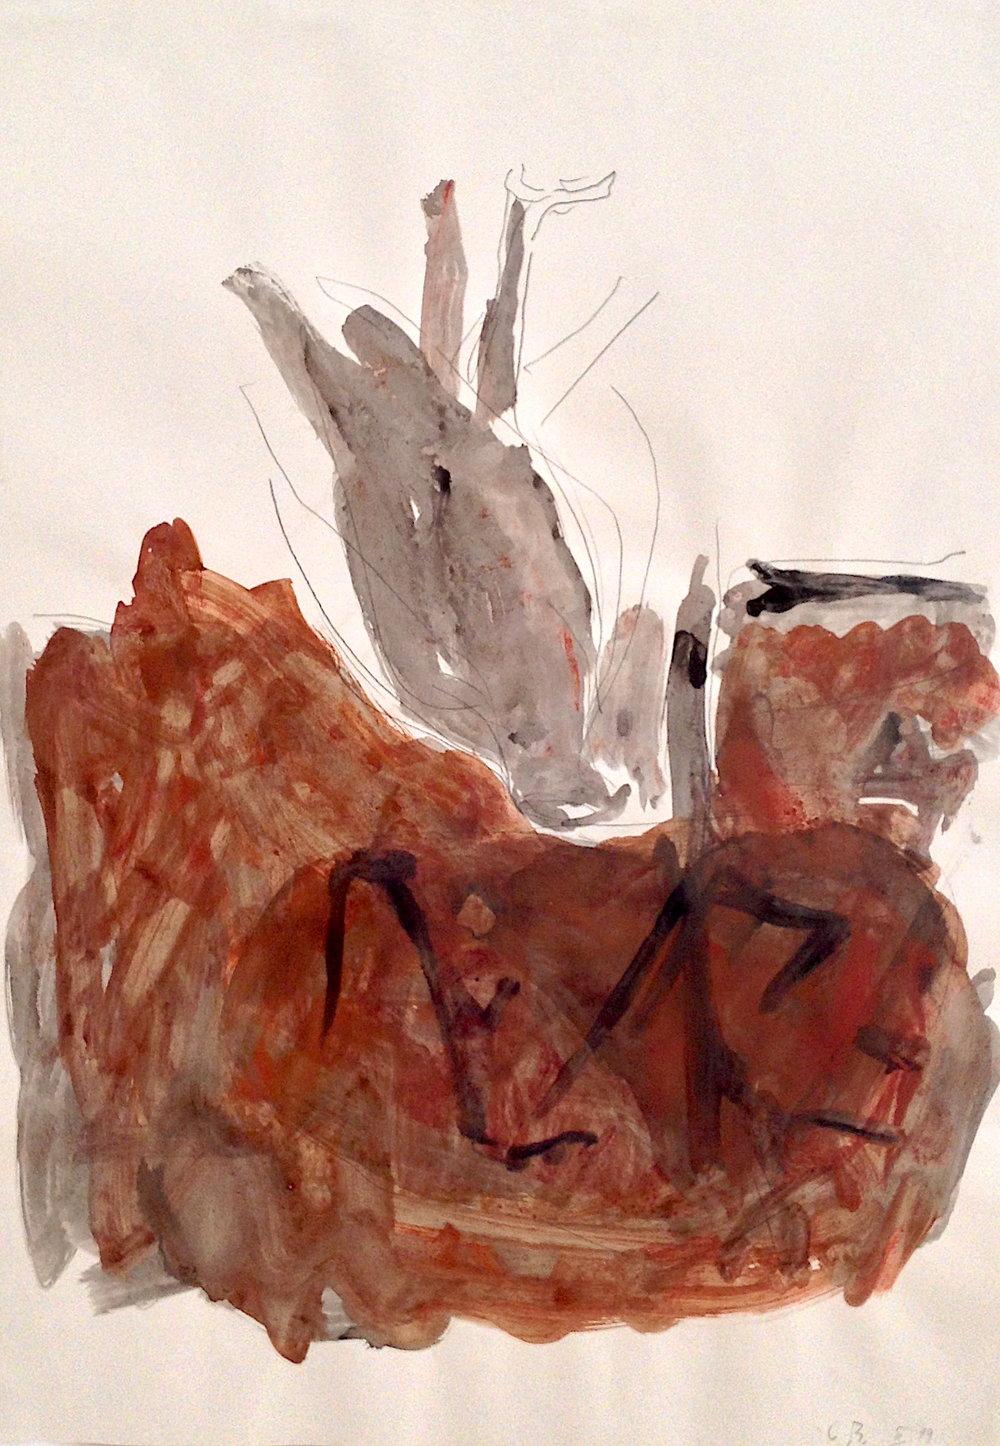 Georg Baselitz Ohne Titel (Adler), 1979 Aquarell und Bleistift auf Papier 86 x 61 cm | 33 3/4 x 24 in GB/P 10